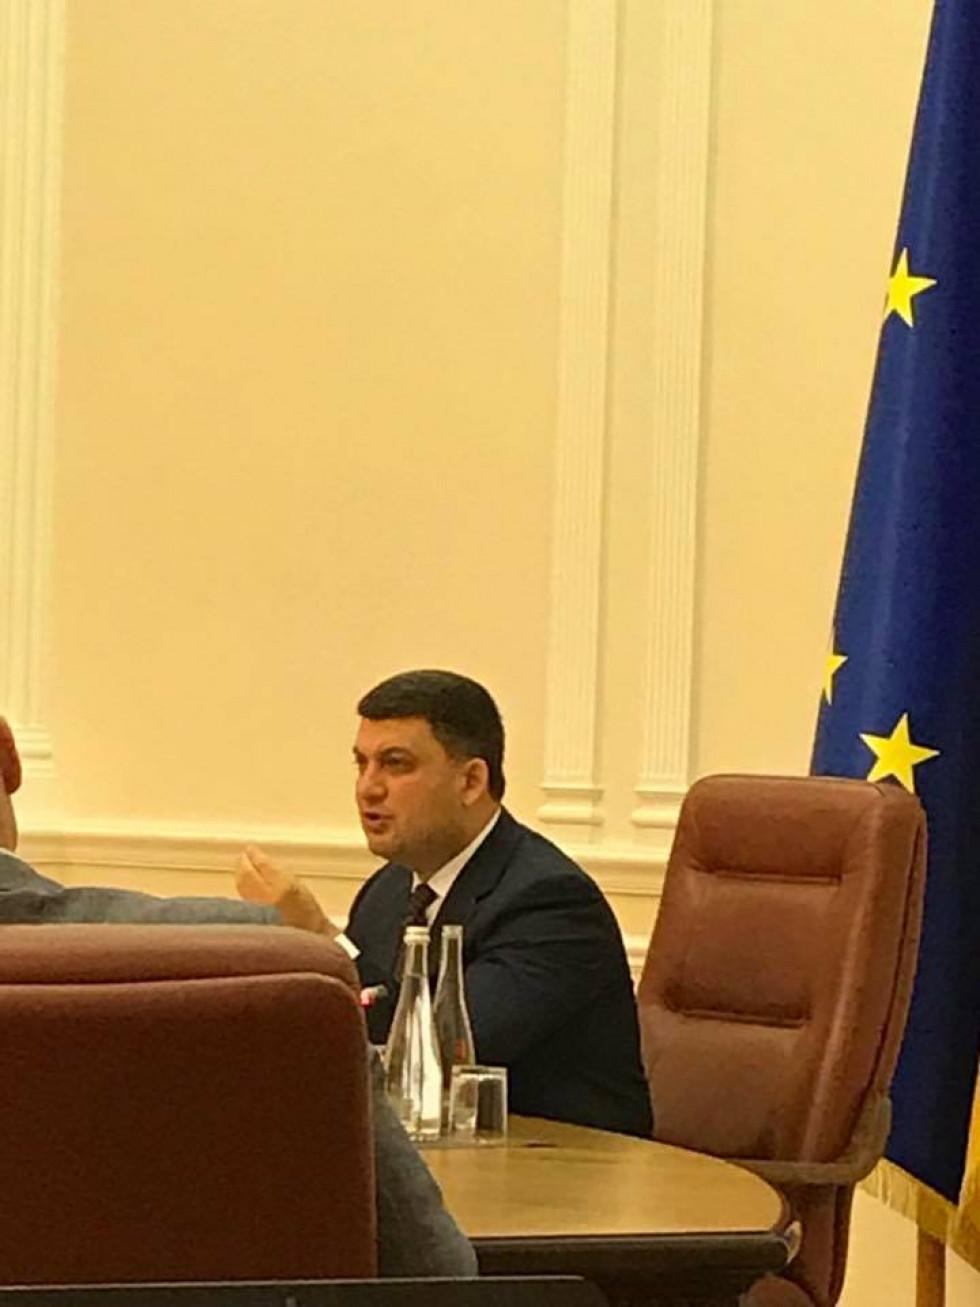 Засідання відбулося за участі Прем'єр-міністра України Володимира Гройсмана